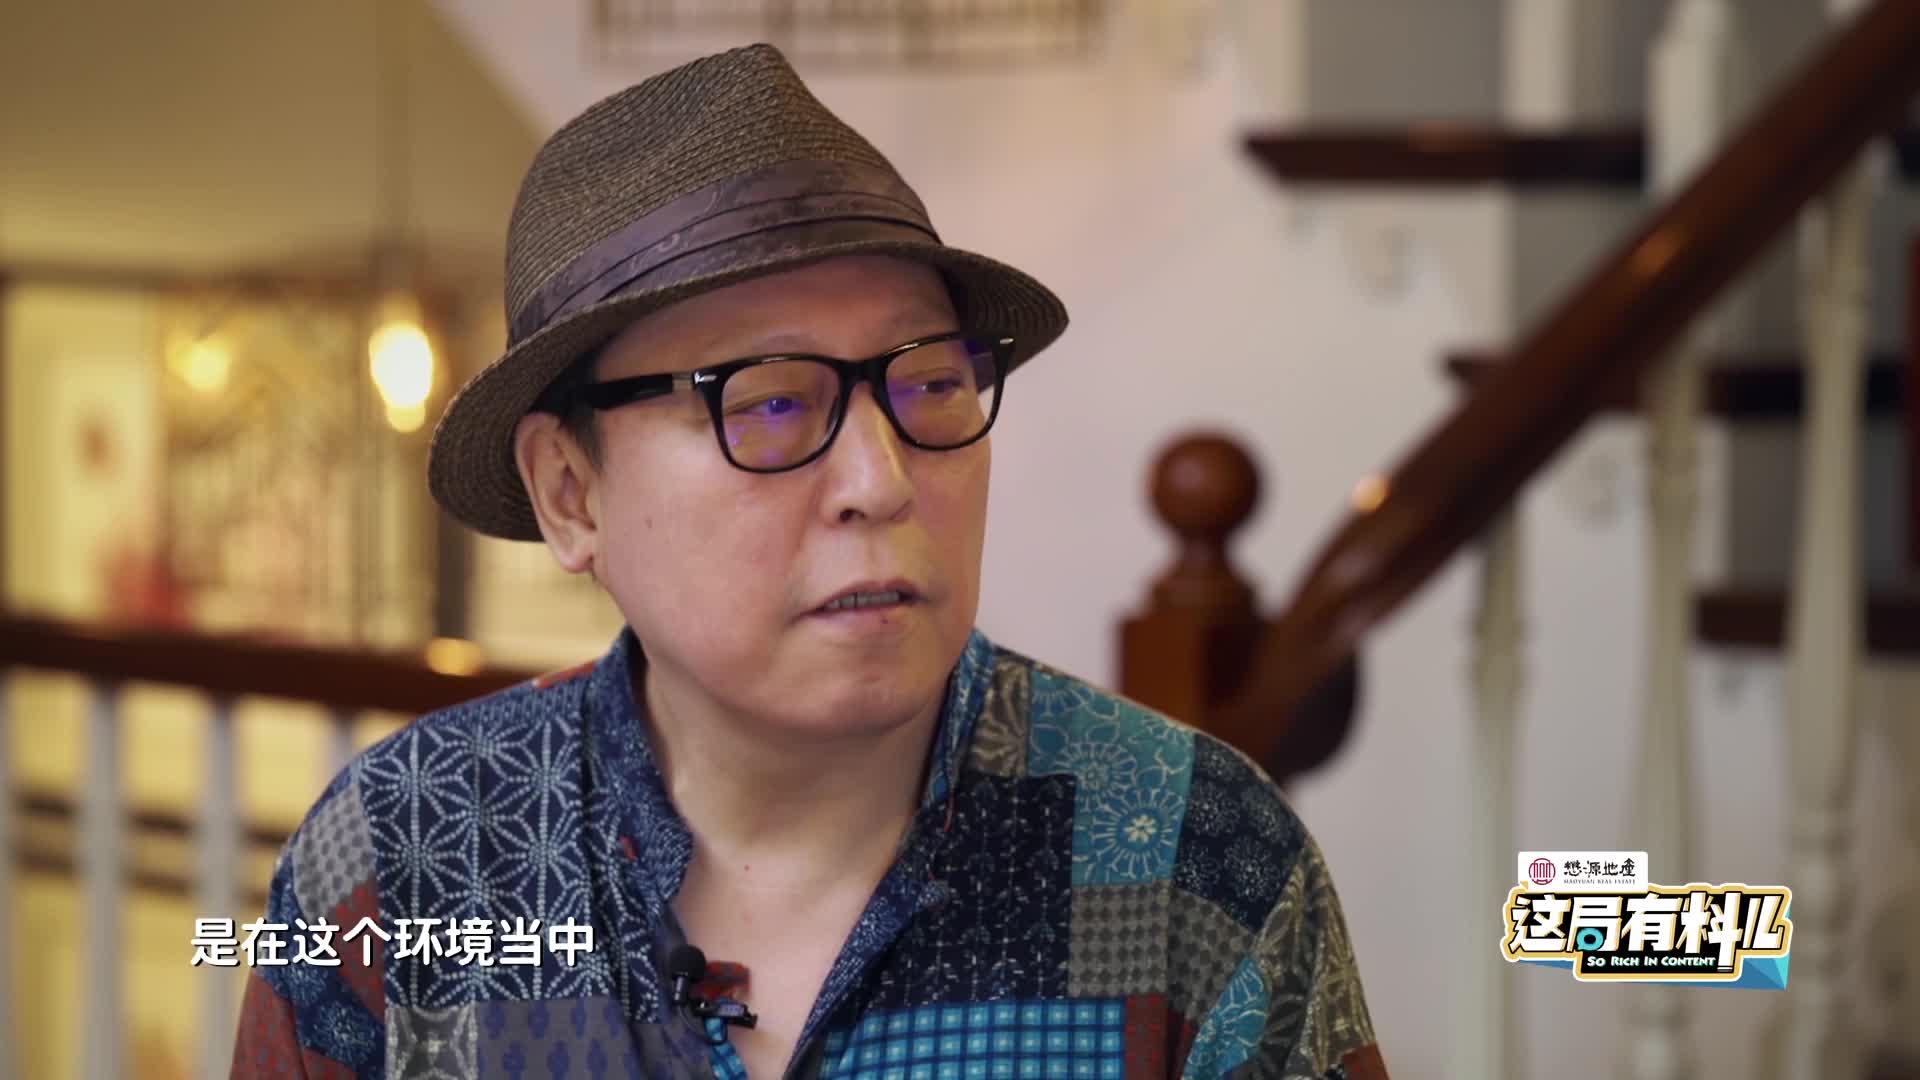 《这局有料儿》《这局有料儿》倪大红谈演员的即兴创作